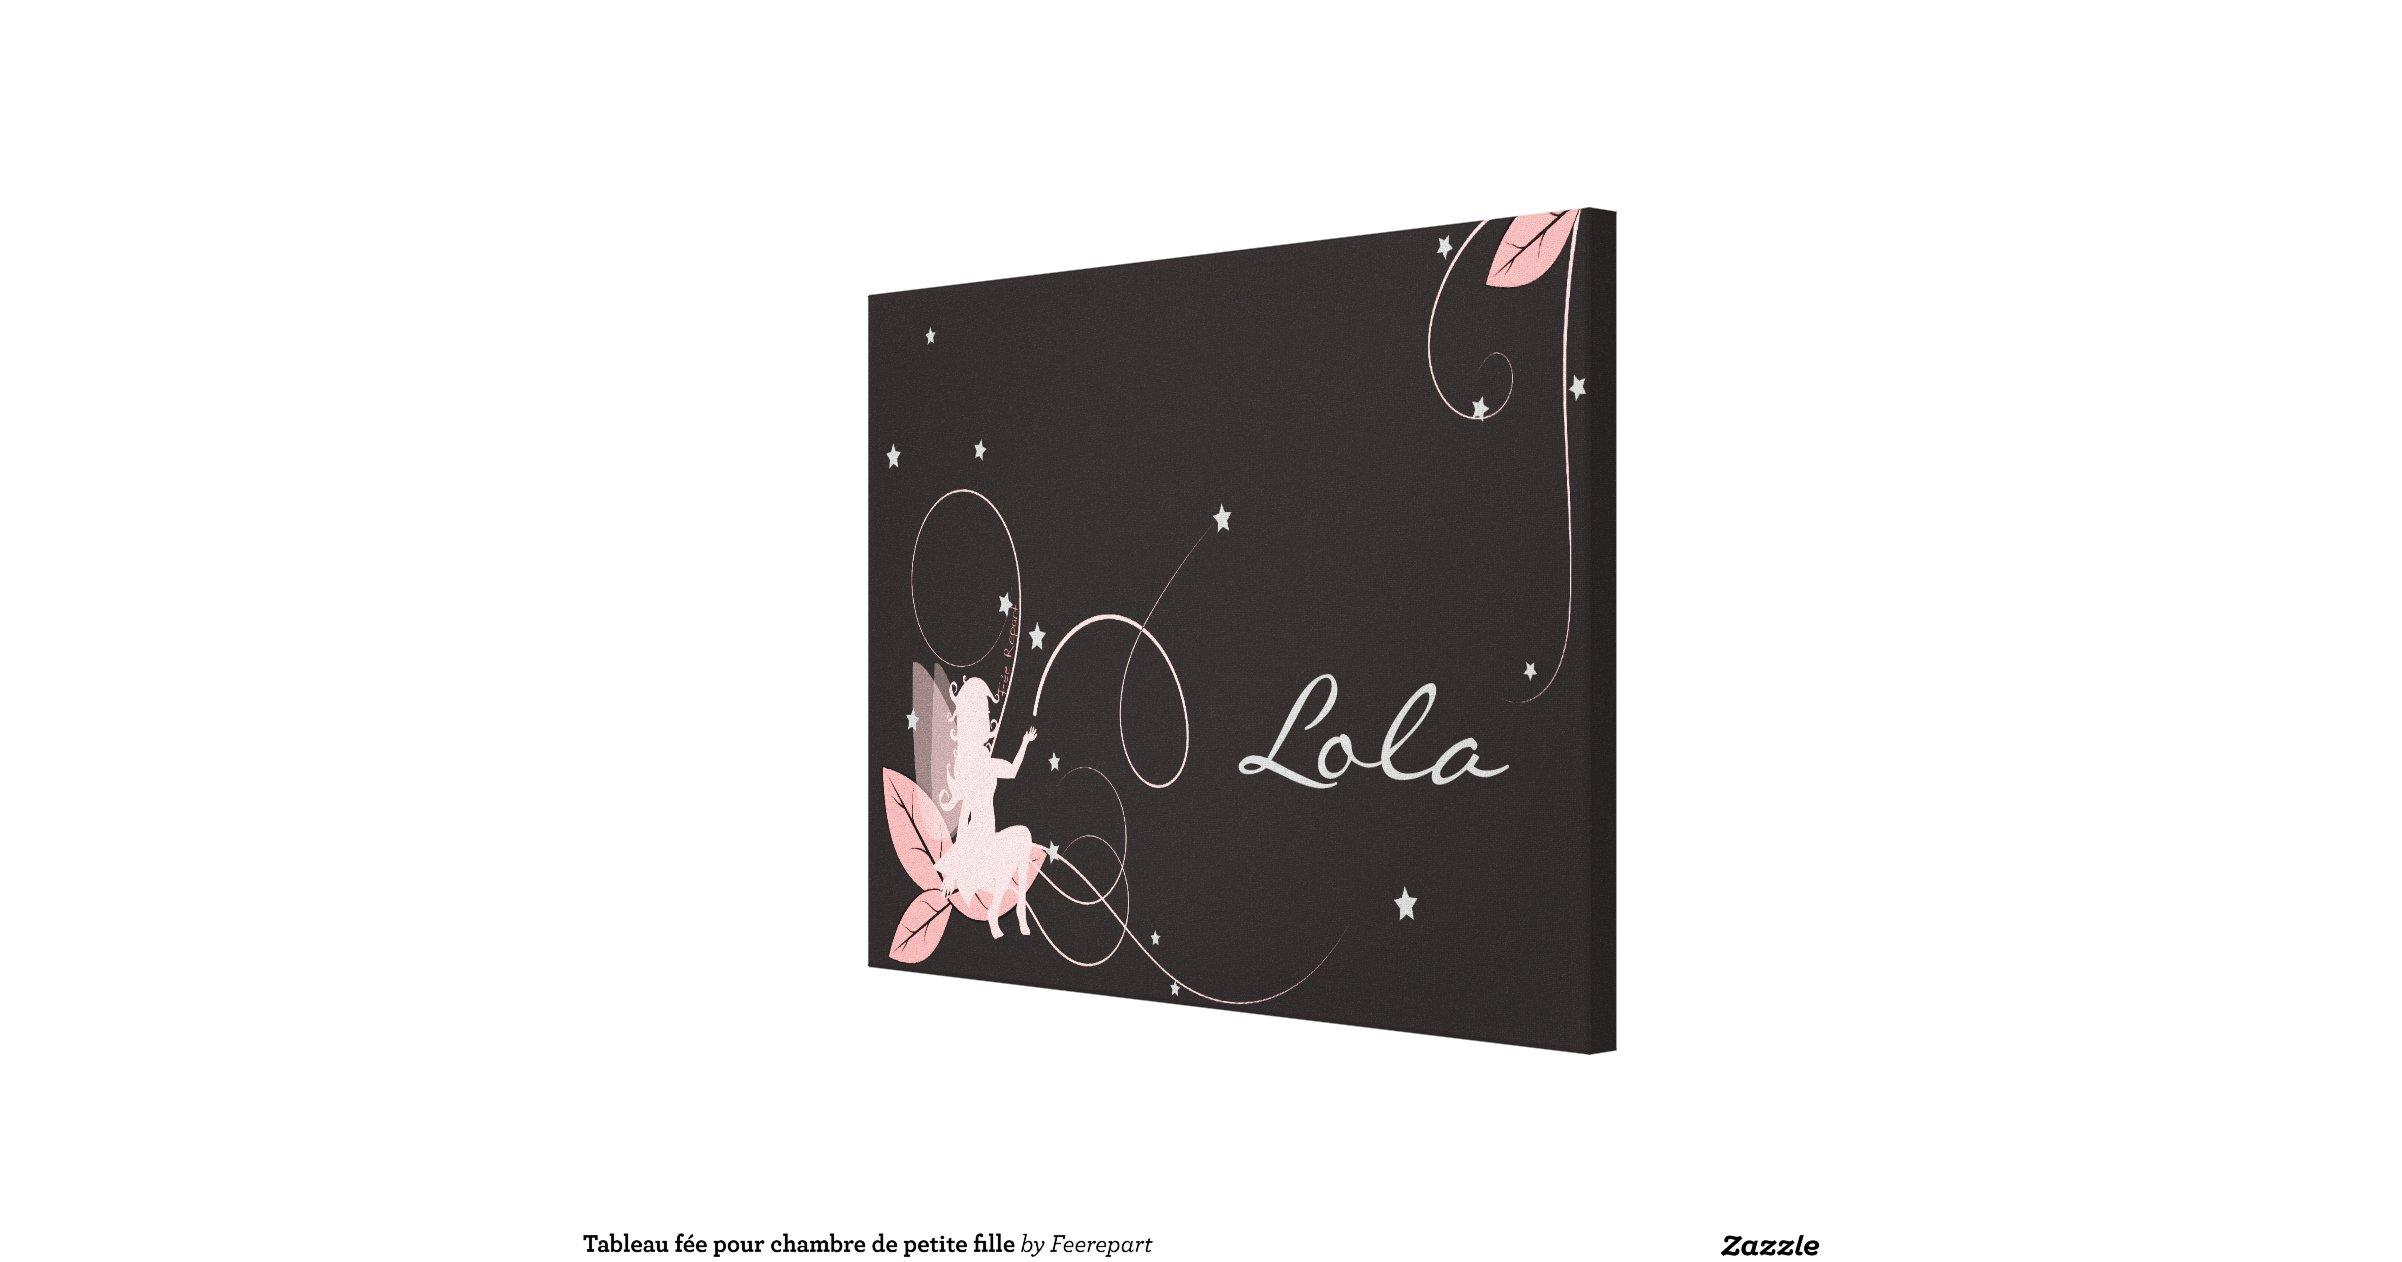 Tableau f e pour chambre de petite fille stretched canvas prints zazzle - Photo de chambre fille ...